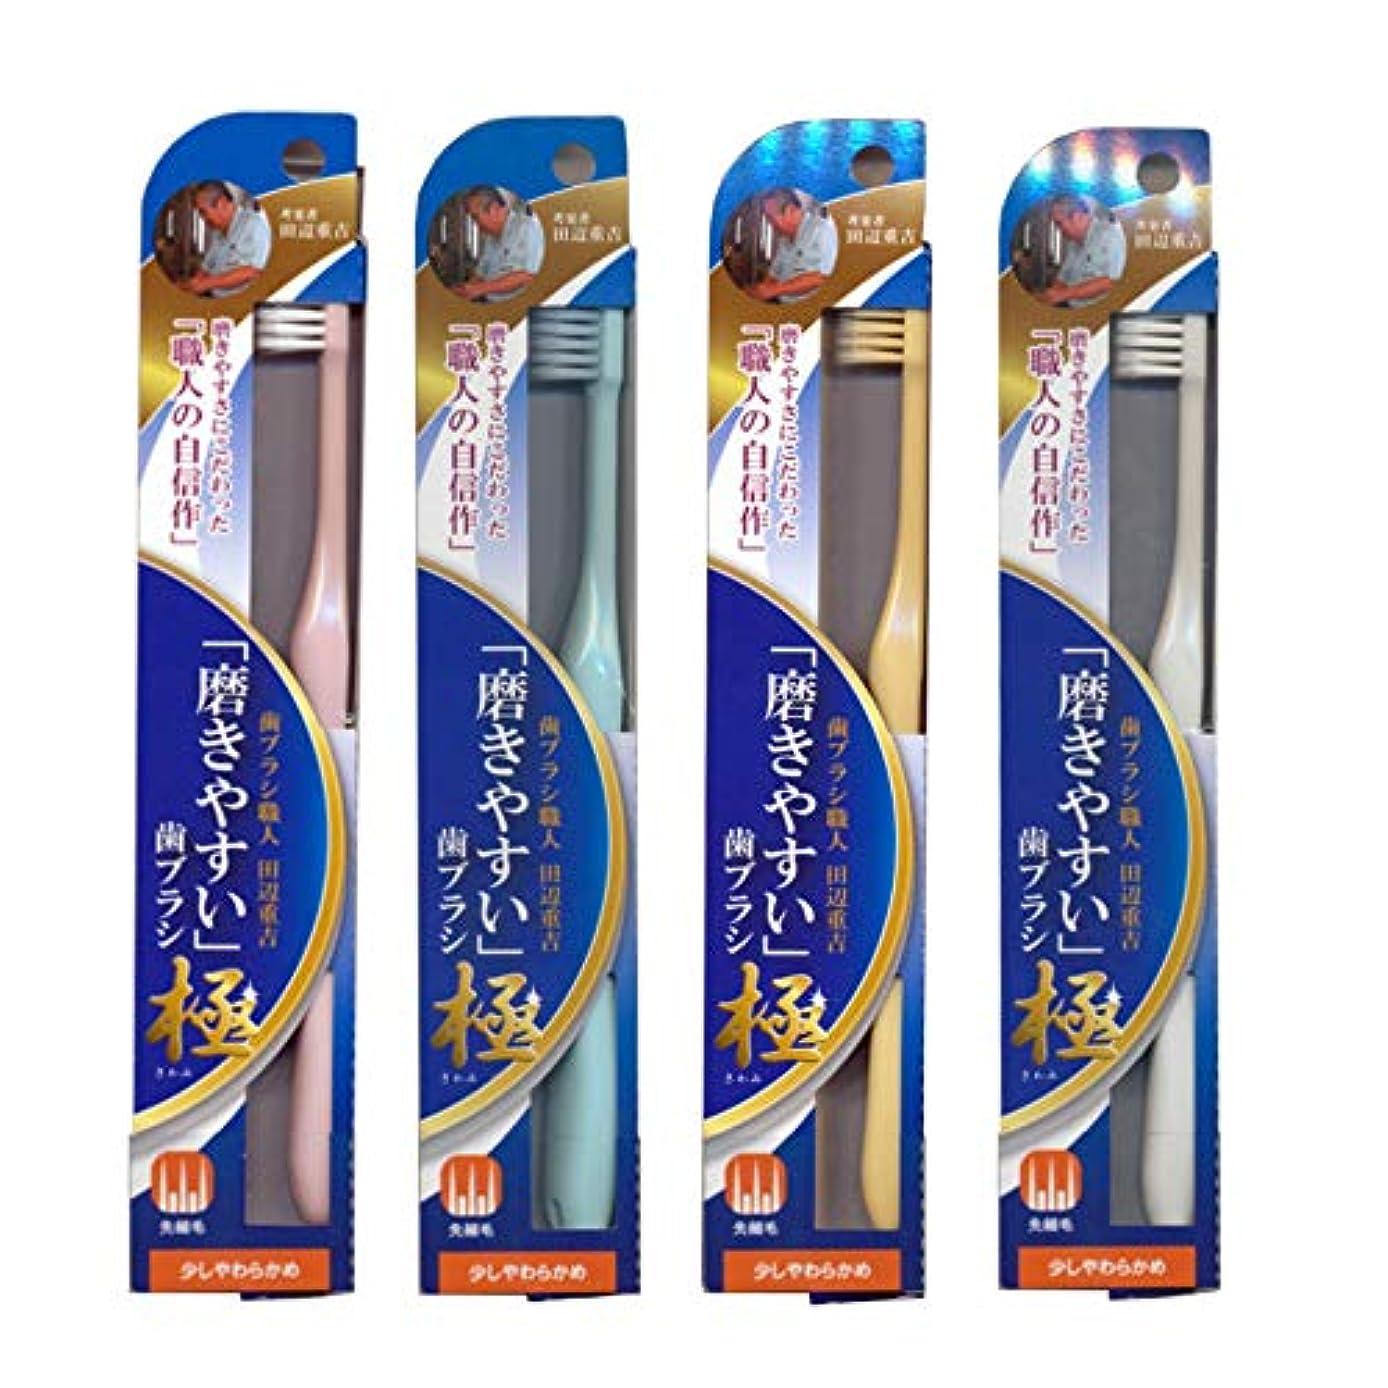 災害欠陥おとうさん磨きやすい歯ブラシ極 (少し柔らかめ) LT-43×4本セット(ピンク×1、ブルー×1、ホワイト×1、イエロー×1) 先細毛